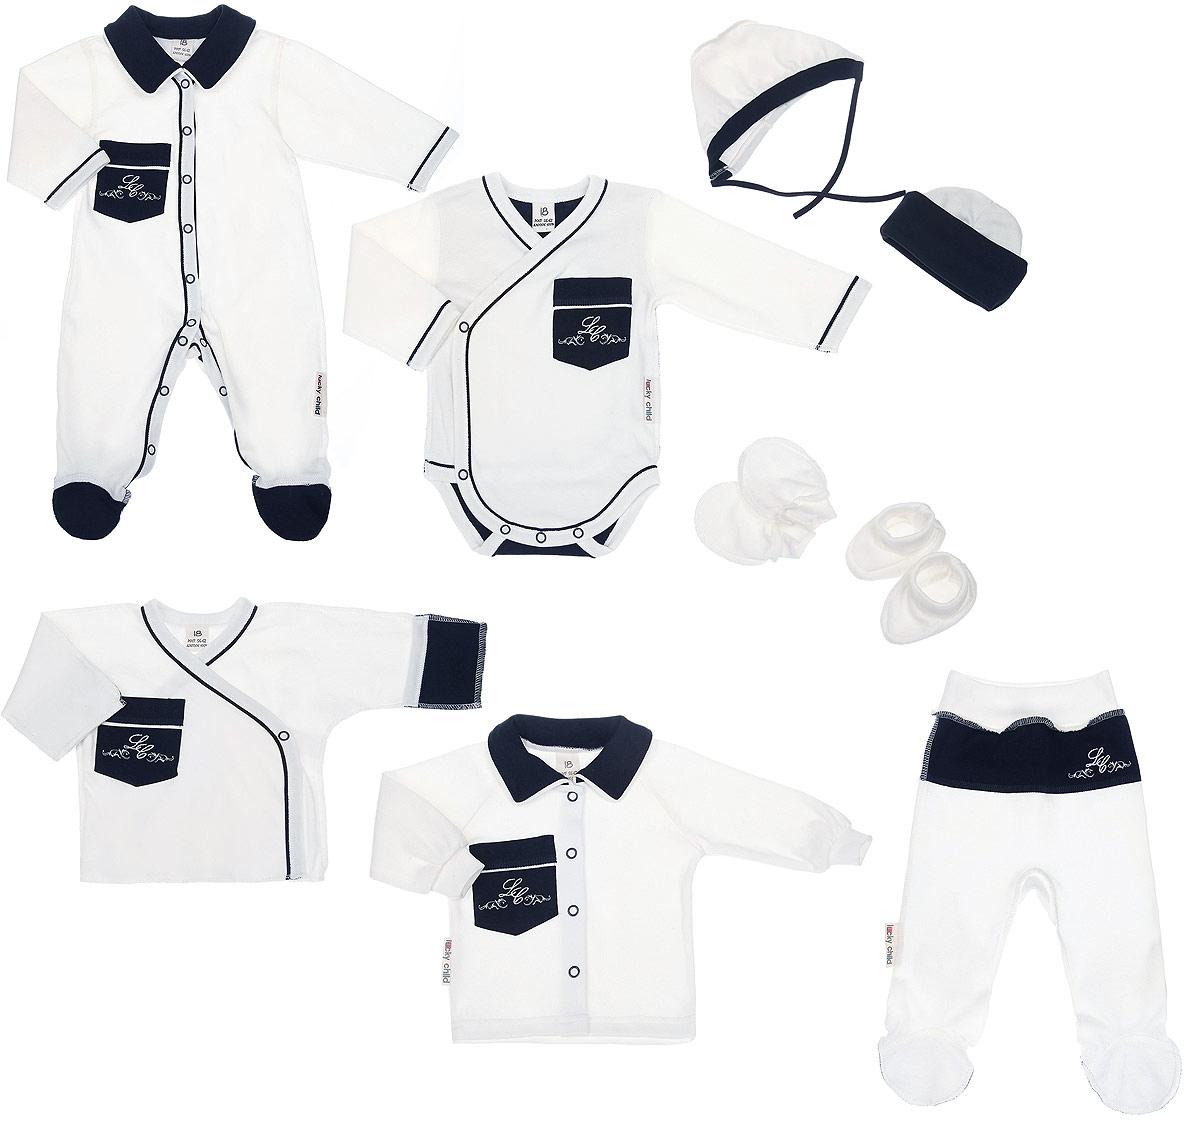 Подарочный комплект для новорожденного Lucky Child Классик, 9 предметов, цвет: молочный, темно-синий. 20-1000. Размер 62/6820-1000Комплект для новорожденного Lucky Child Классик - это замечательный подарок, который прекрасно подойдет для первых дней жизни младенца. Комплект состоит из комбинезона, боди-кимоно, распашонки-кимоно, кофточки, ползунков, шапочки, чепчика, рукавичек и пинеток. Изготовленный из натурального хлопка, он необычайно мягкий и приятный на ощупь, не сковывает движения ребенка и позволяет коже дышать, не раздражает даже самую нежную и чувствительную кожу ребенка, обеспечивая ему наибольший комфорт.Комбинезон с длинными рукавами, отложным воротником контрастного цвета и закрытыми ножками имеет застежки-кнопки от горловины до пяточек, которые помогают легко переодеть младенца или сменить подгузник. На груди изделие дополнено накладным кармашком, украшенным вышивкой. Швы выполнены наружу.Удобное боди-кимоно с длинными рукавами и V-образным вырезом горловины имеет удобные застежки-кнопки по принципу кимоно, а также кнопки на ластовице, которые помогают легко переодеть младенца и сменить подгузник. На груди изделие дополнено накладным кармашком, украшенным вышивкой. Швы выполнены наружу. Распашонка-кимоно с V-образным вырезом горловины и длинными рукавами-кимоно имеет застежки-кнопки по принципу кимоно, благодаря которым, модель можно полностью расстегнуть. А благодаря рукавичкам ребенок не поцарапает себя. Ручки могут быть как открытыми, так и закрытыми. На груди изделие дополнено накладным кармашком, украшенным вышивкой. Швы выполнены наружу.Кофточка с длинными рукавами-реглан и отложным воротником контрастного цвета спереди застегивается на металлические кнопки, что помогает с легкостью переодеть ребенка. Рукава имеют широкие эластичные манжеты. На груди изделие дополнено накладным кармашком, украшенным вышивкой. Ползунки, благодаря мягкому и широкому поясу, не сдавливают животик младенца и не сползают. Они идеально подходят для ношения с подгузнико